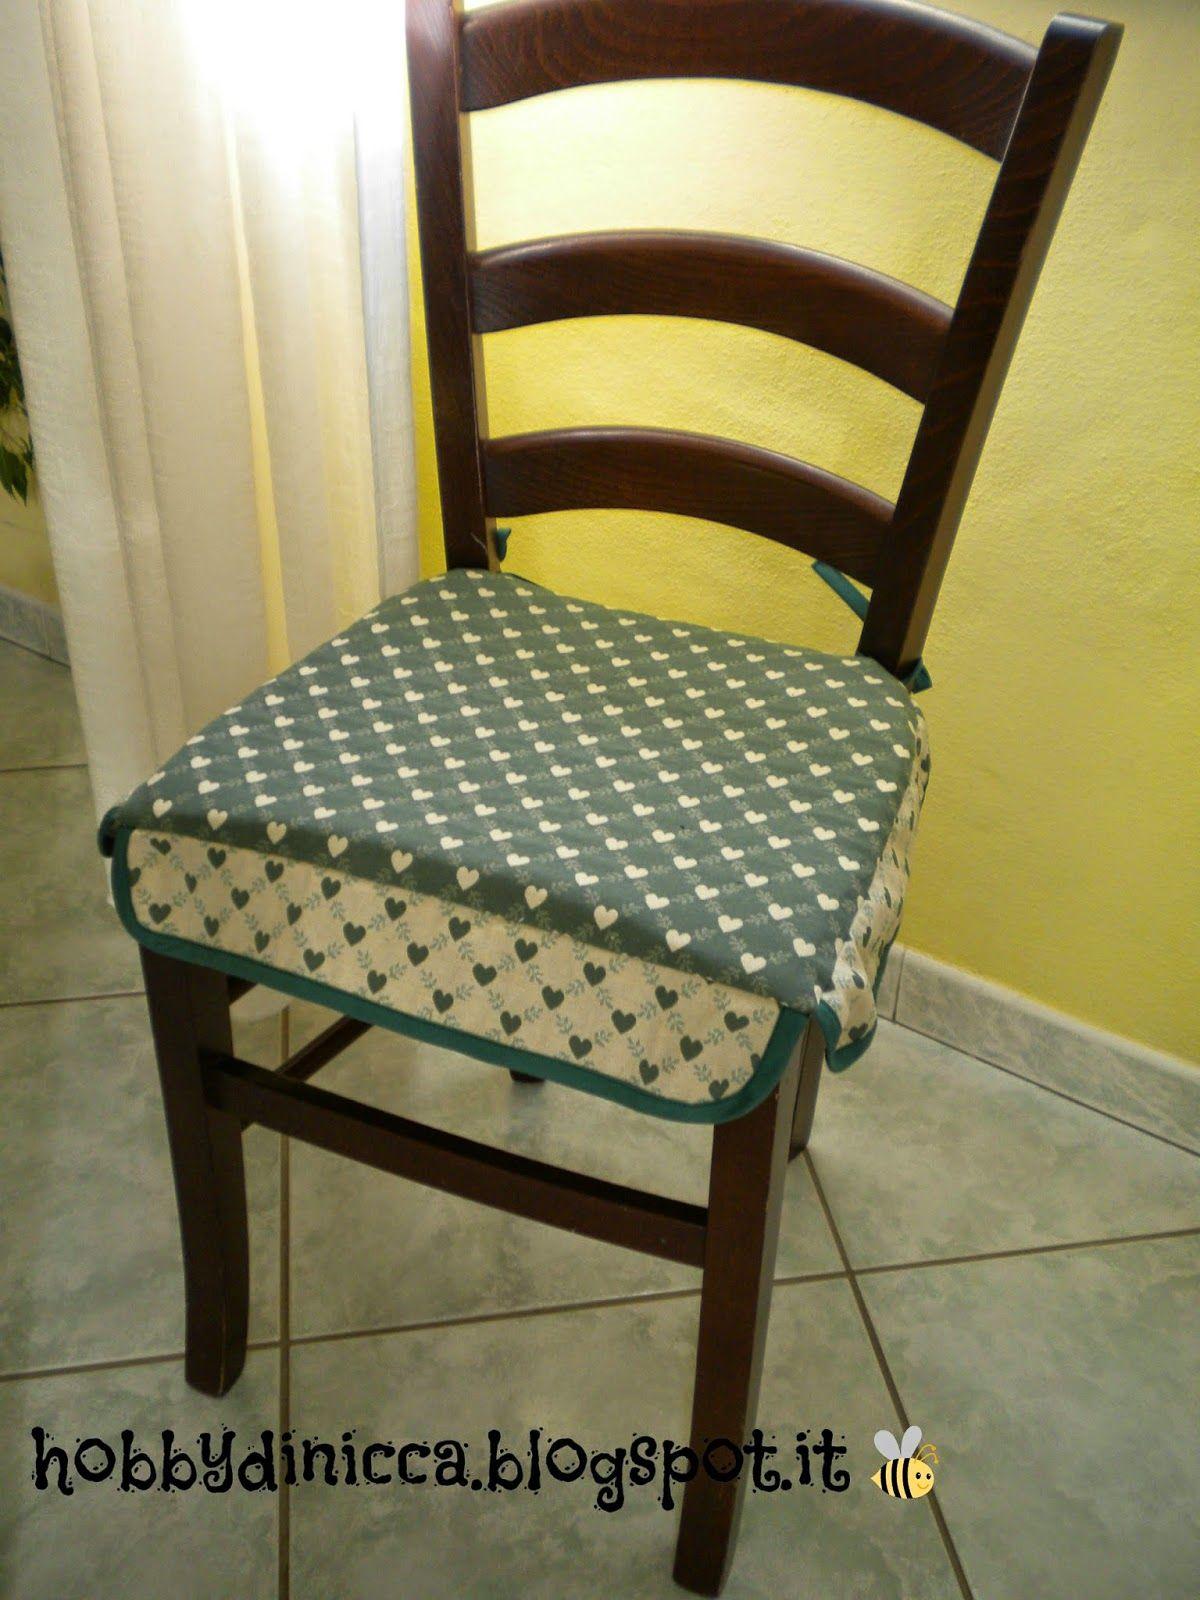 hobbydinicca: cuscino per sedie tutorial | fai da te | pinterest ... - Cuscini Per Sedie Da Cucina Country